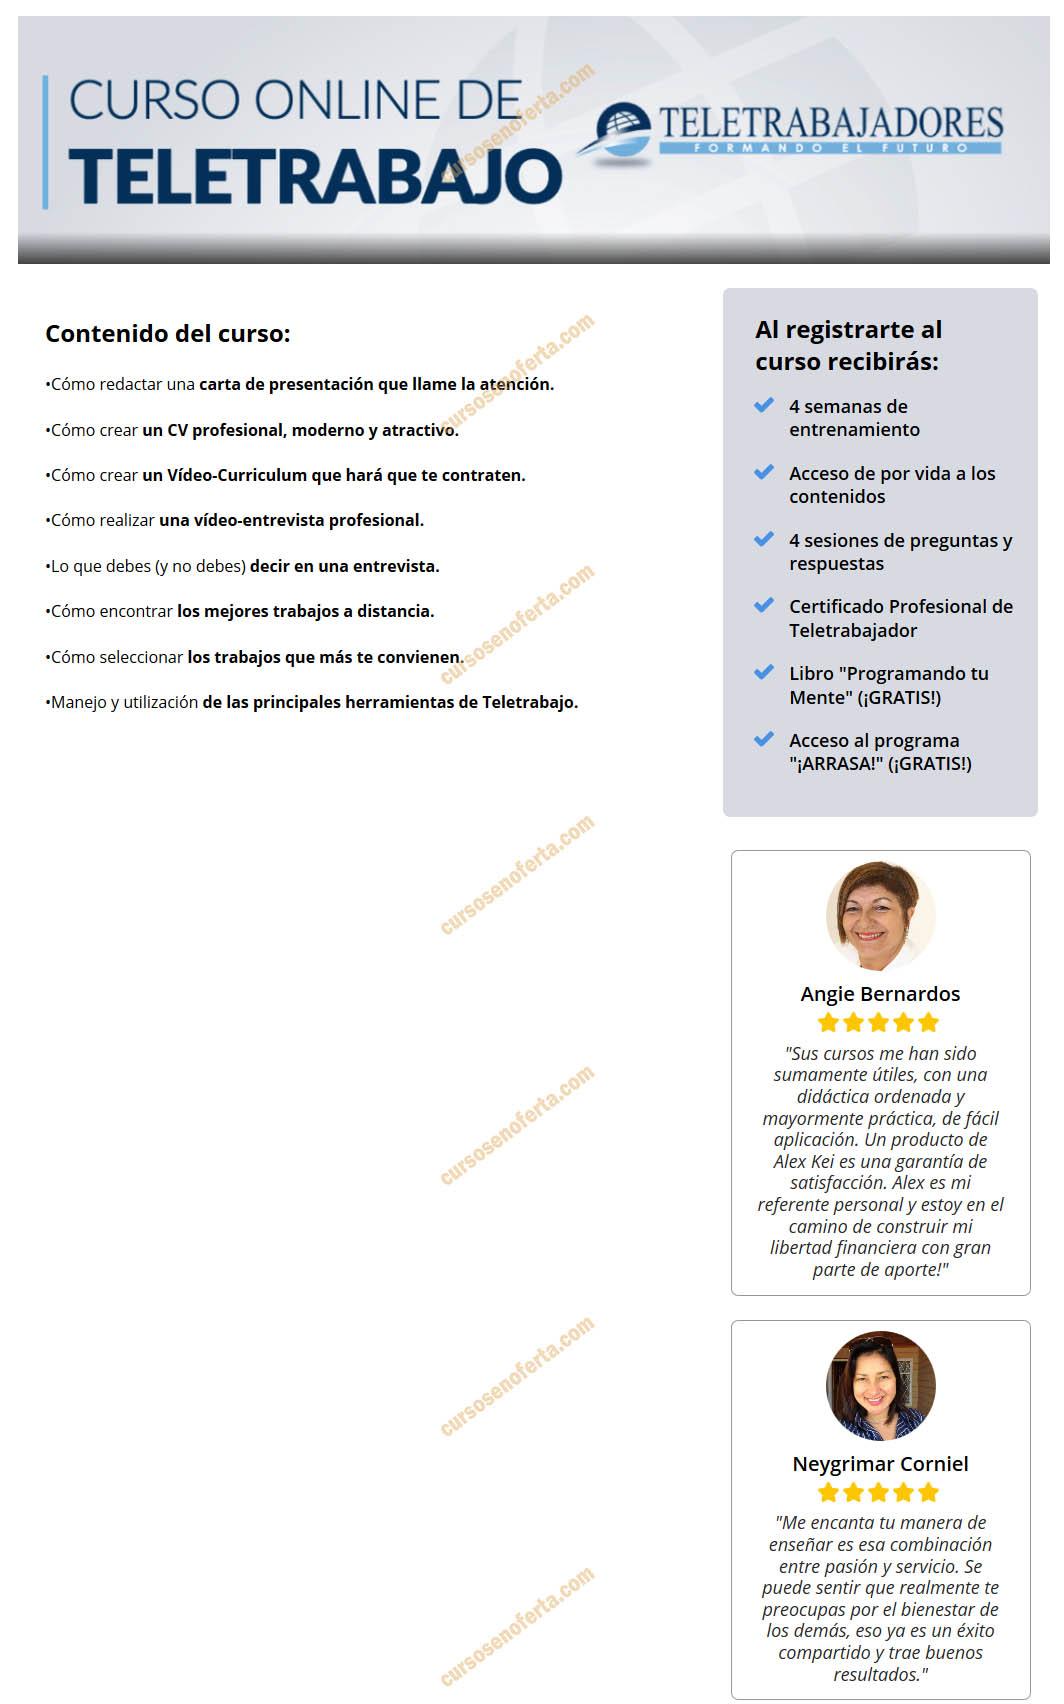 Curso online de teletrabajo - alex kei